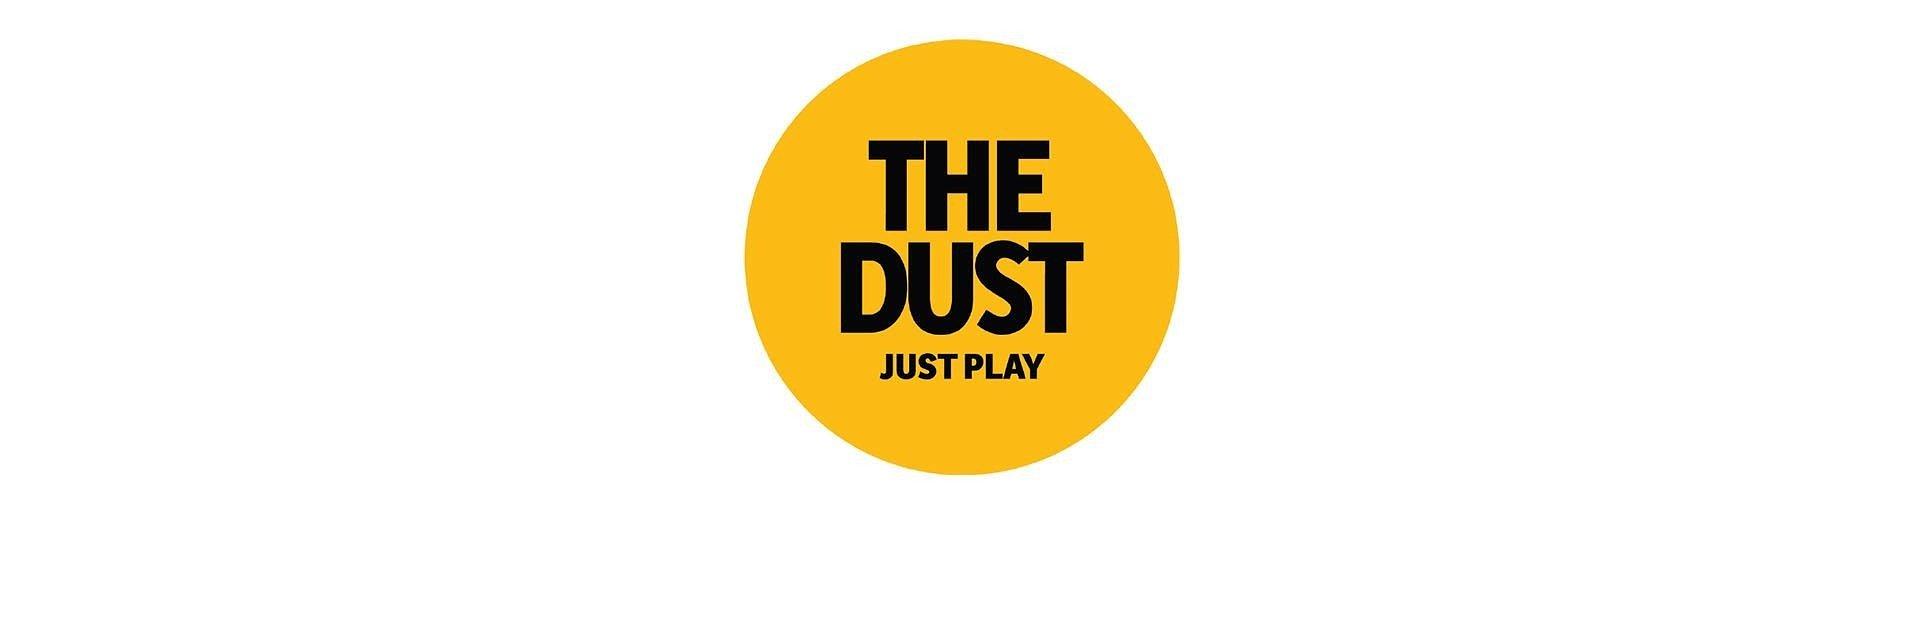 The Dust zawarł umowę z inwestorem na piątą grę symulacyjną